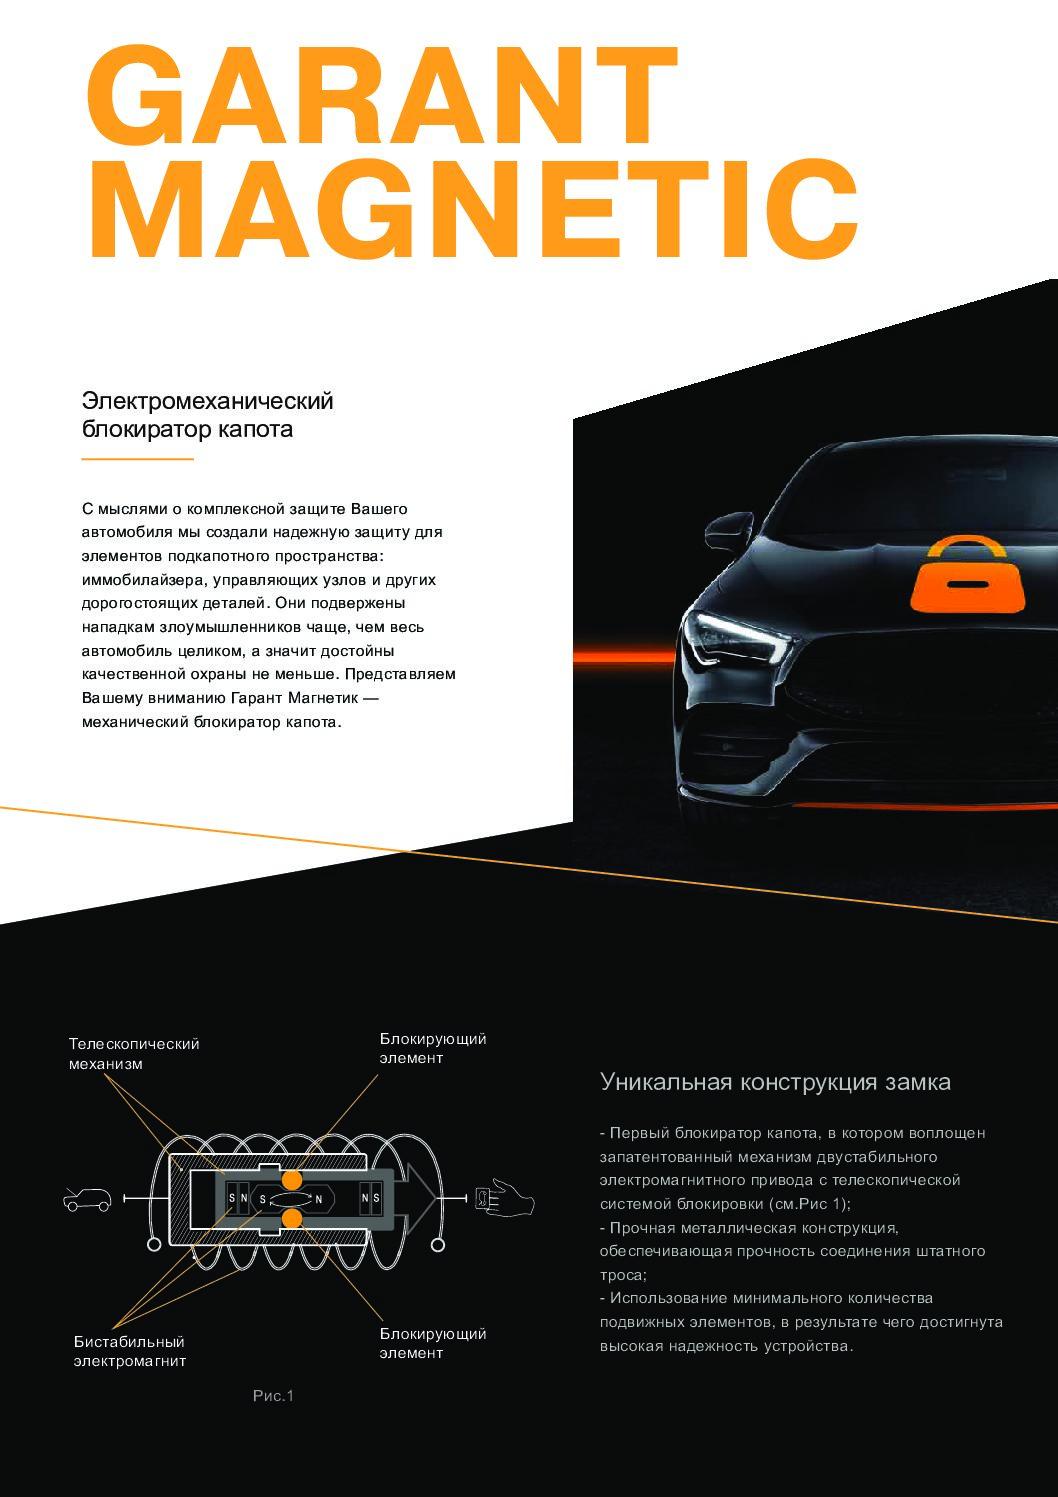 Гарант Магнетик – электромеханический блокиратор замка капота